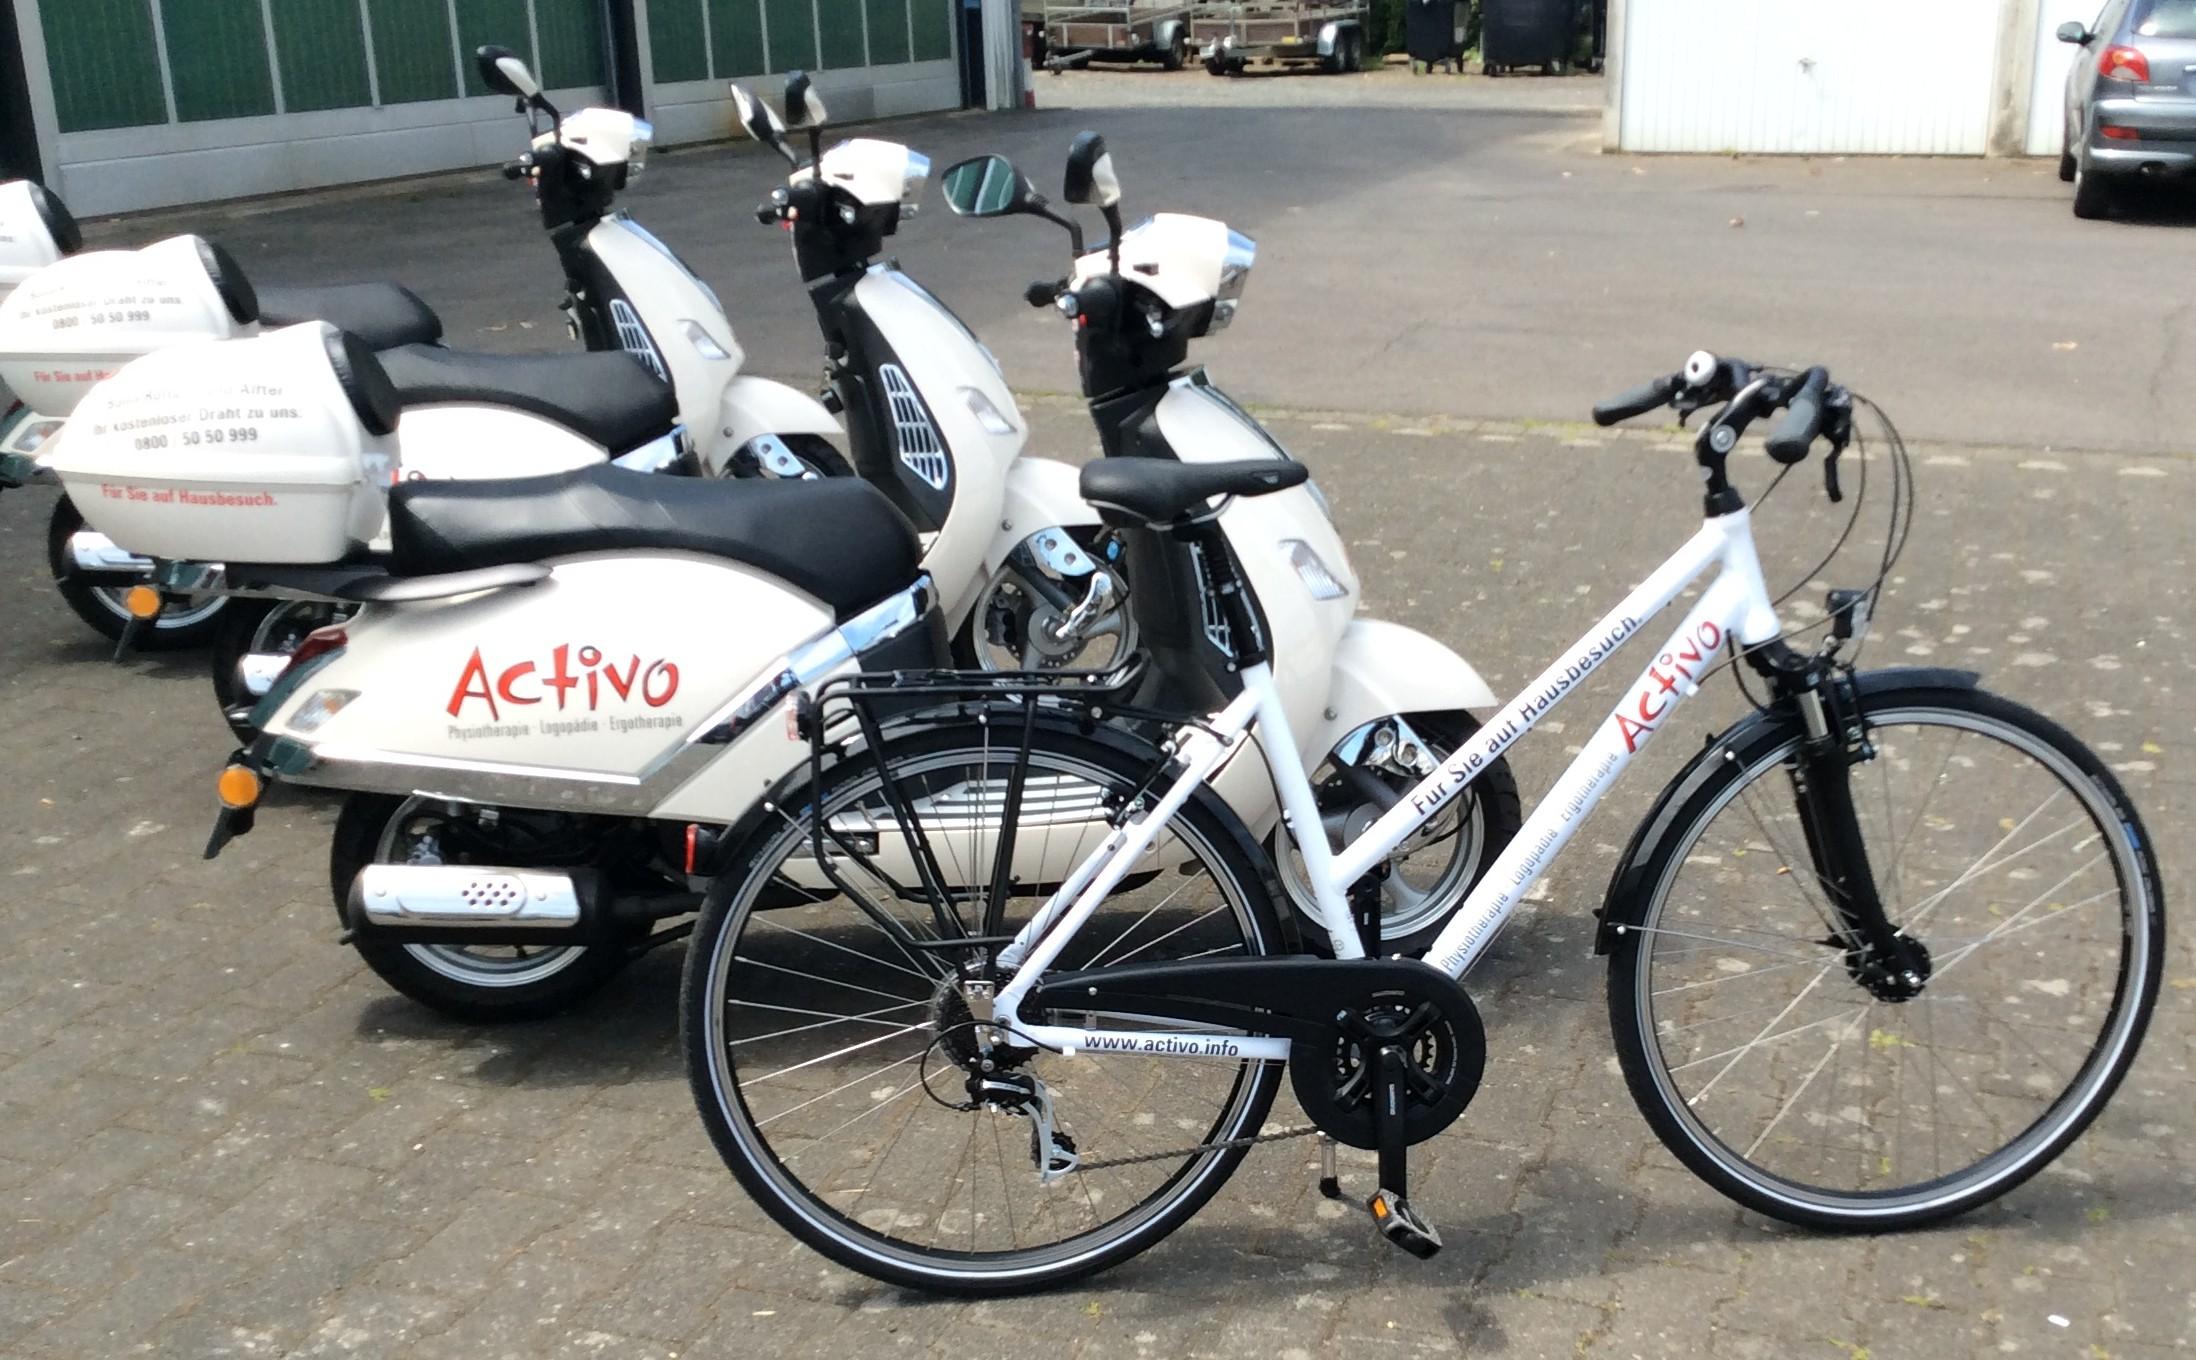 Motorroller, Fahrrad; Folienbeschriftung